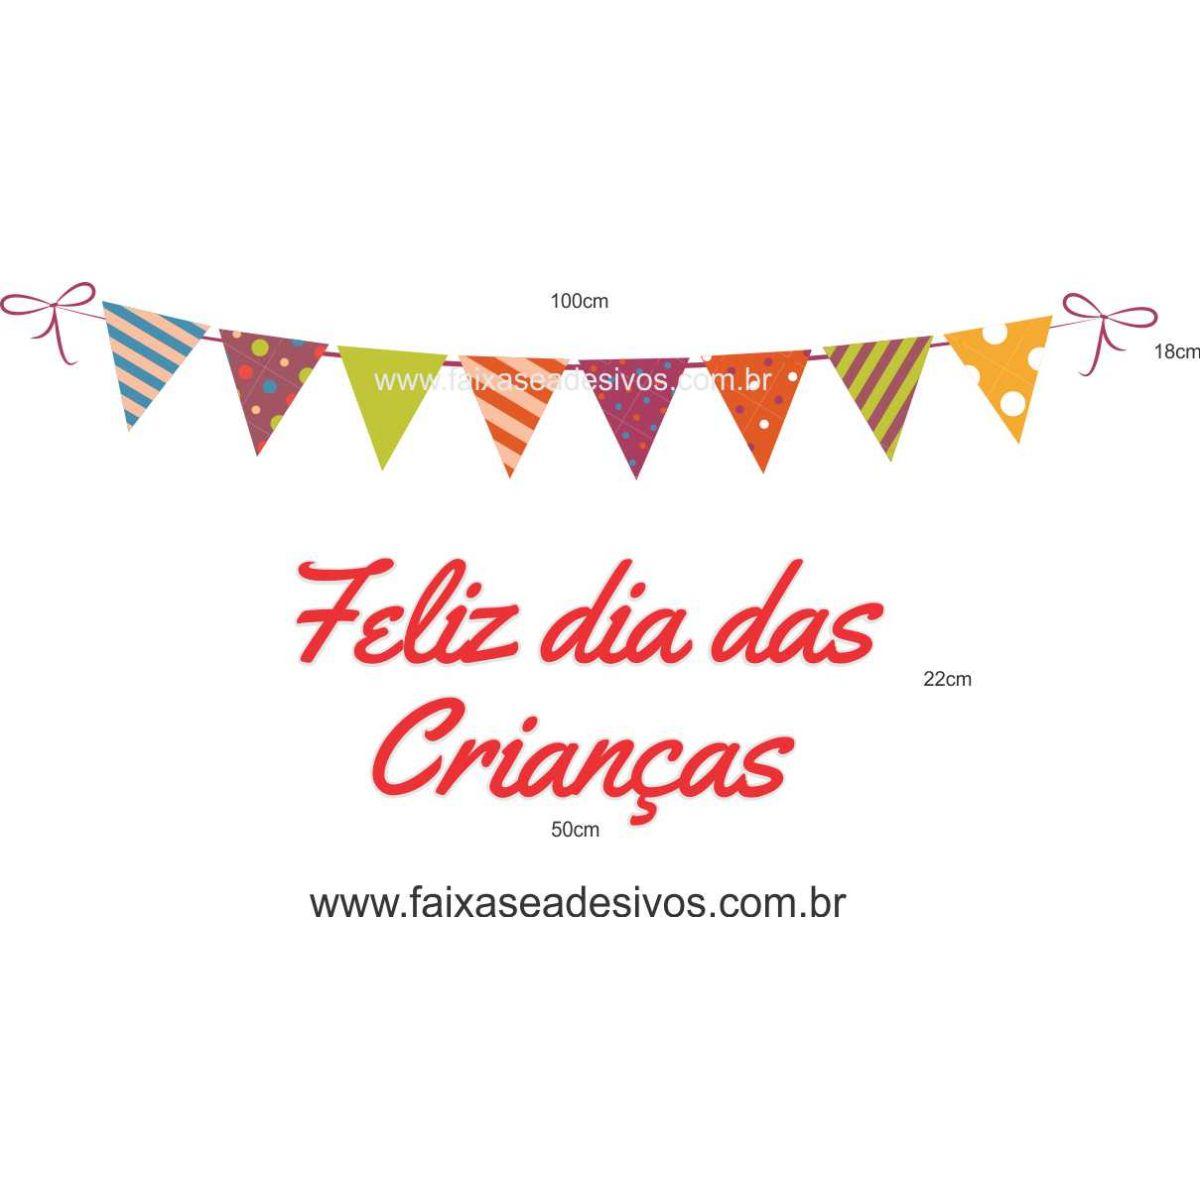 A722 - Dia das Crianças - Texto com bandeirinhas  - Fac Signs